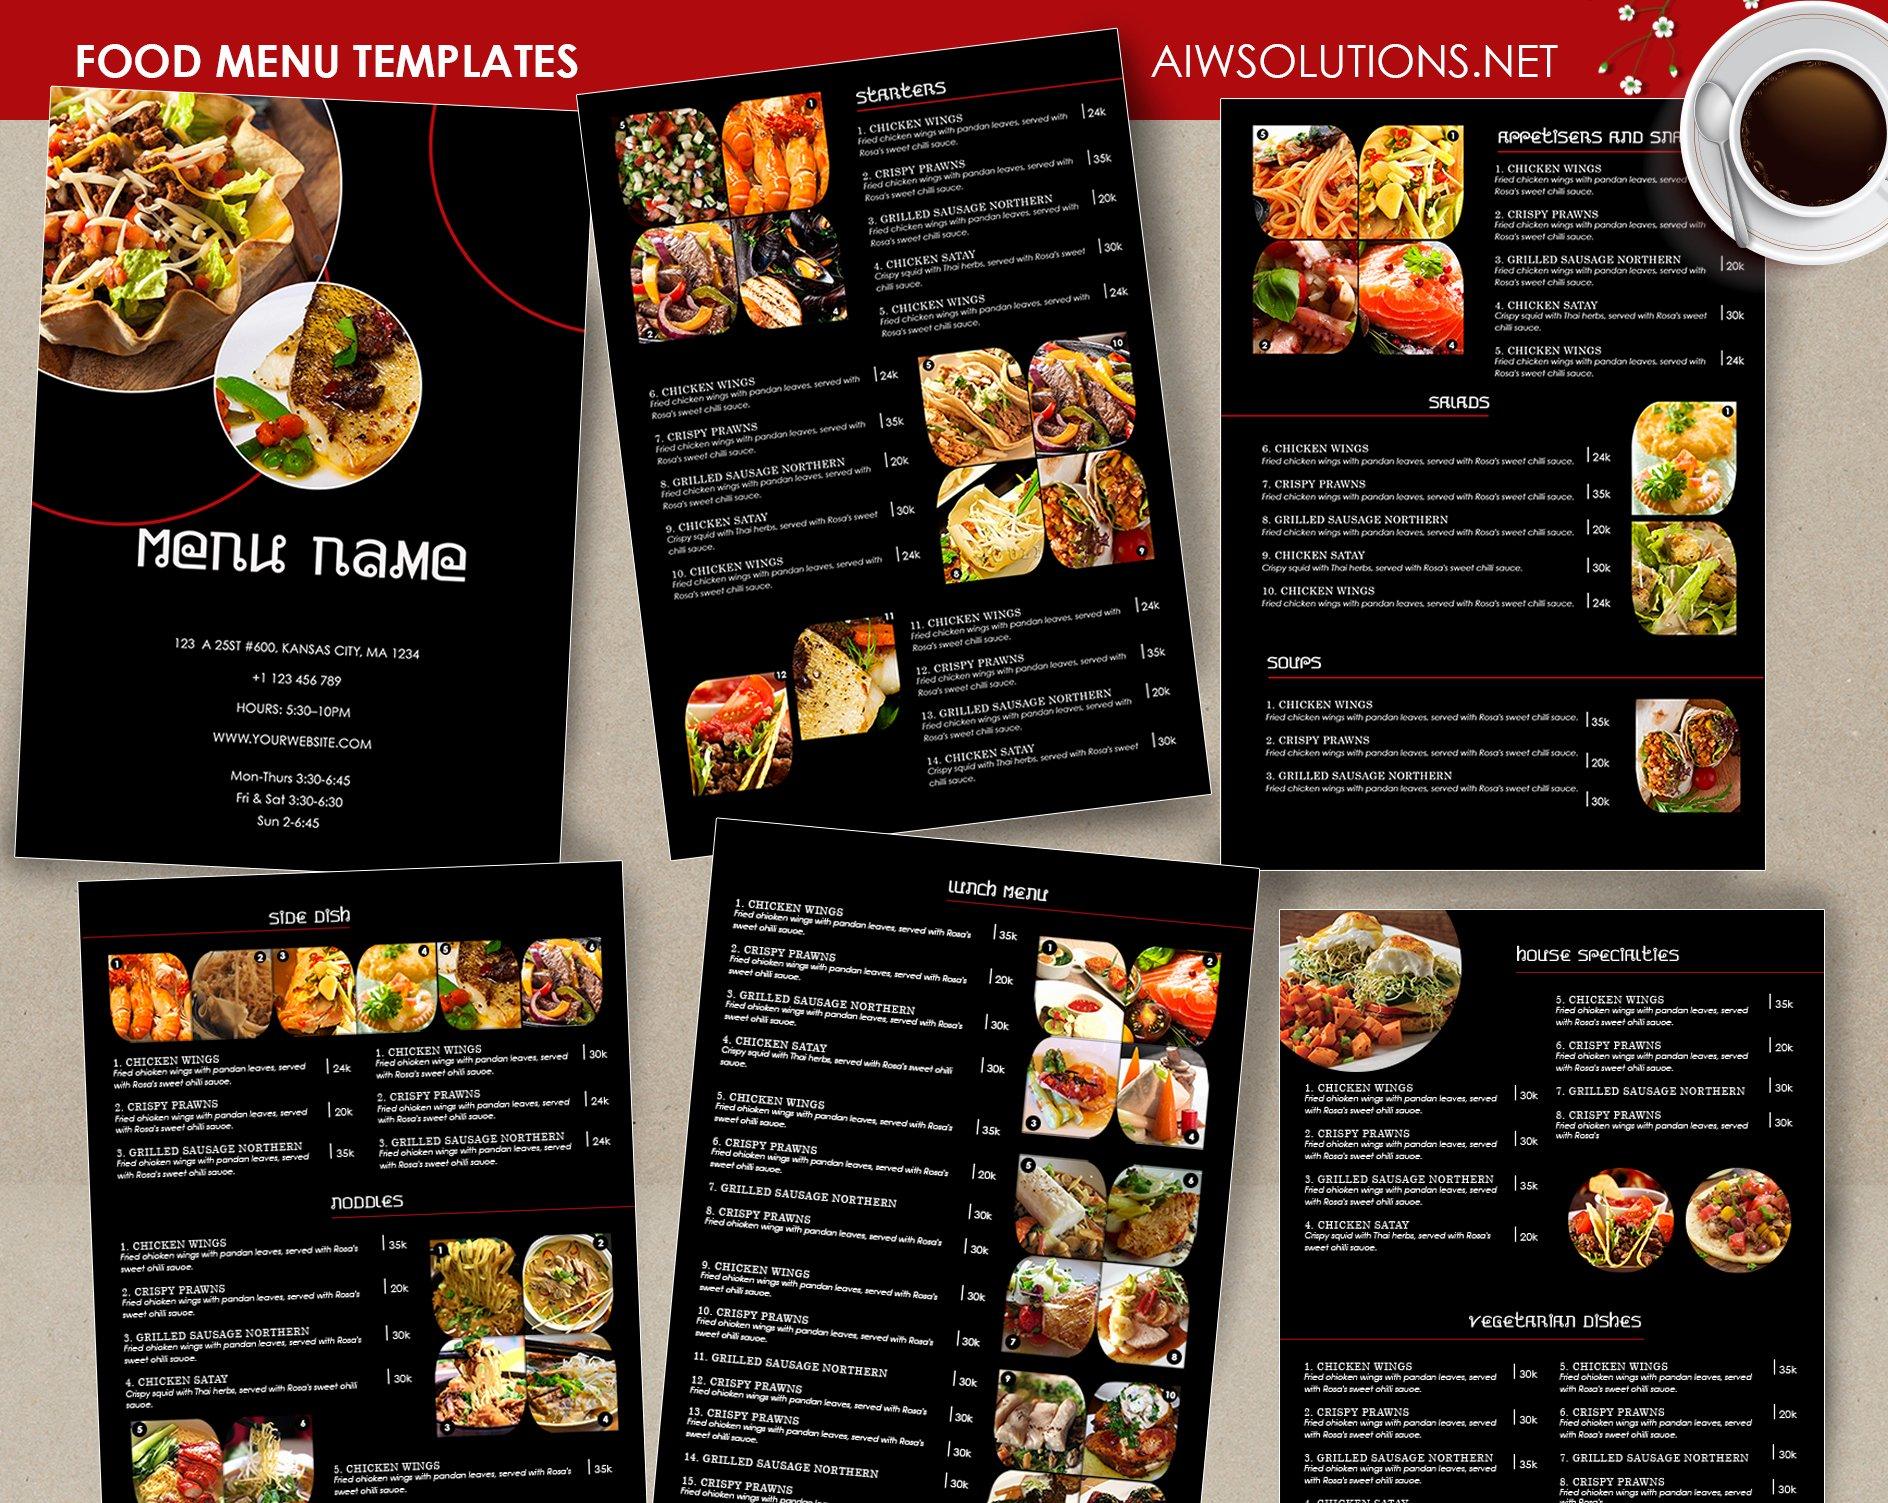 menu id26